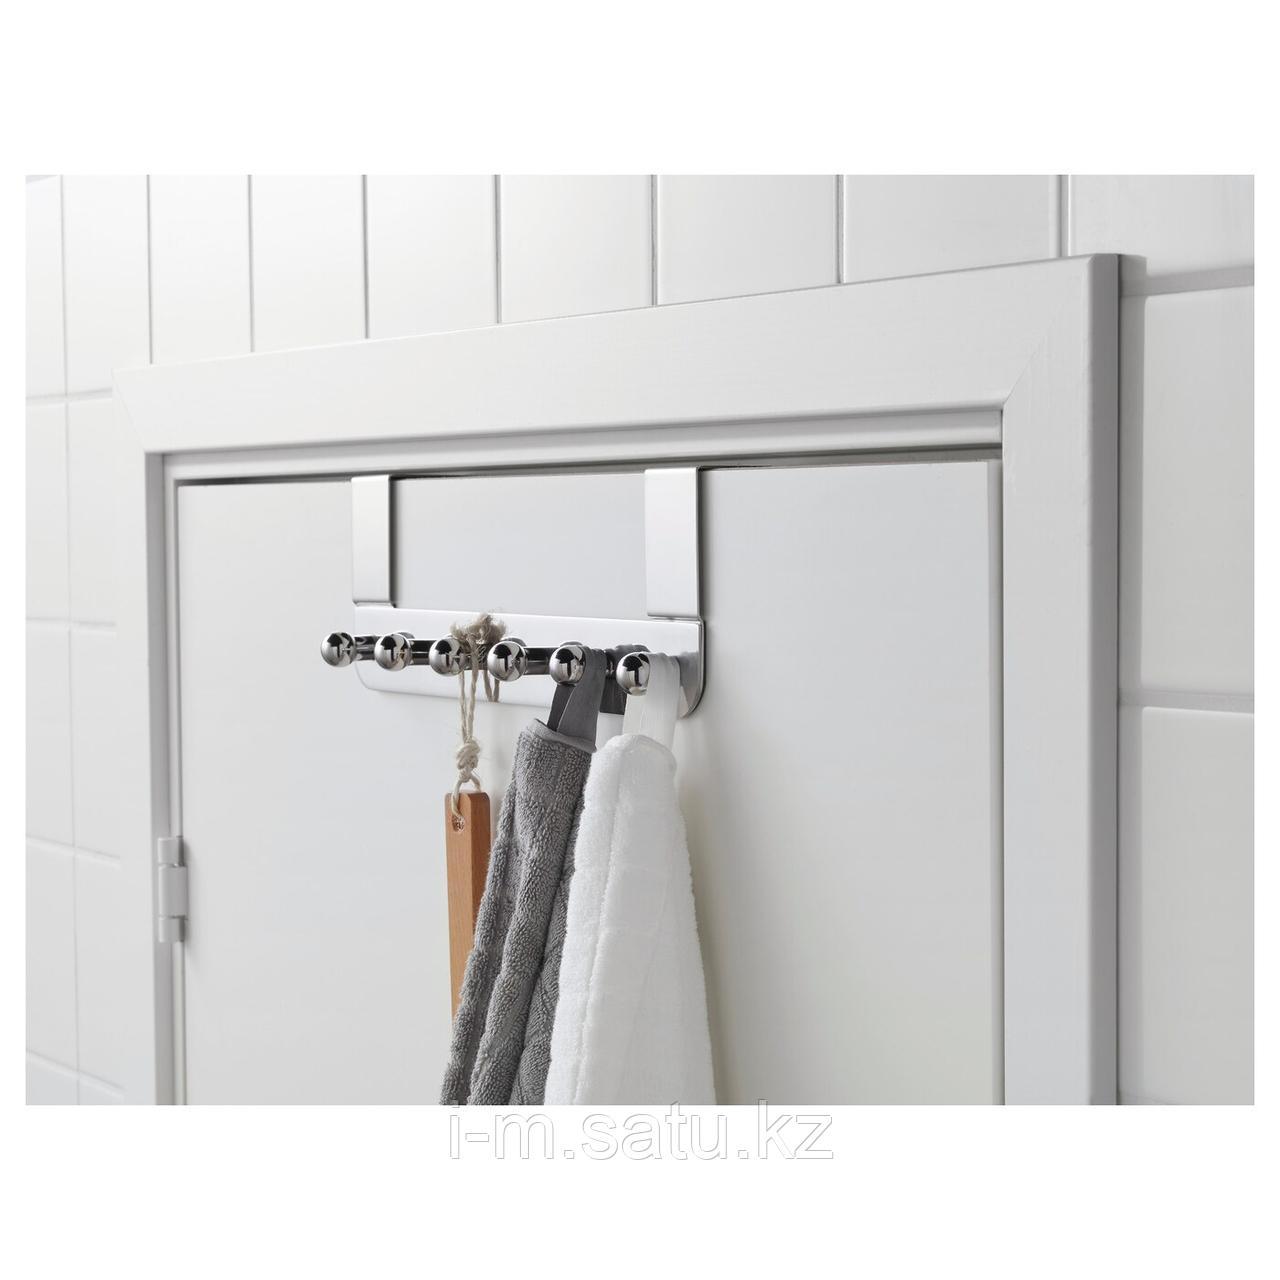 ВОКСНАН Дверная вешалка, под хром